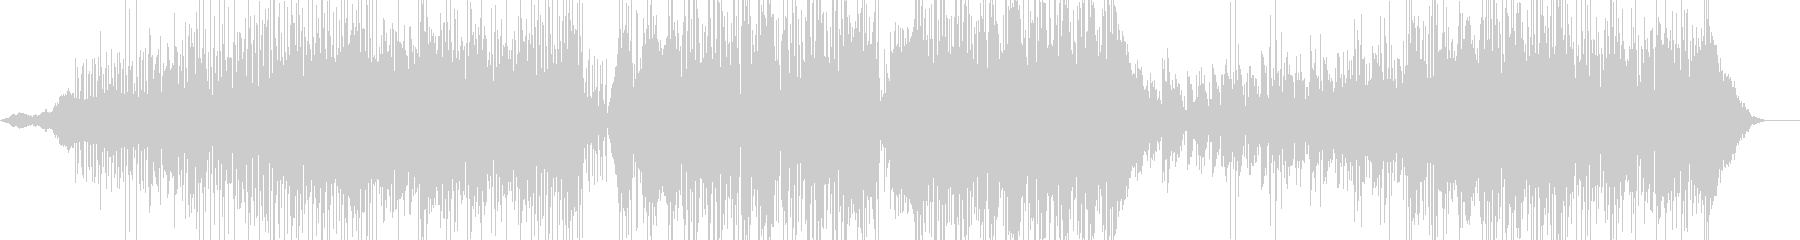 アンビエント ドラム & ベース ...の未再生の波形